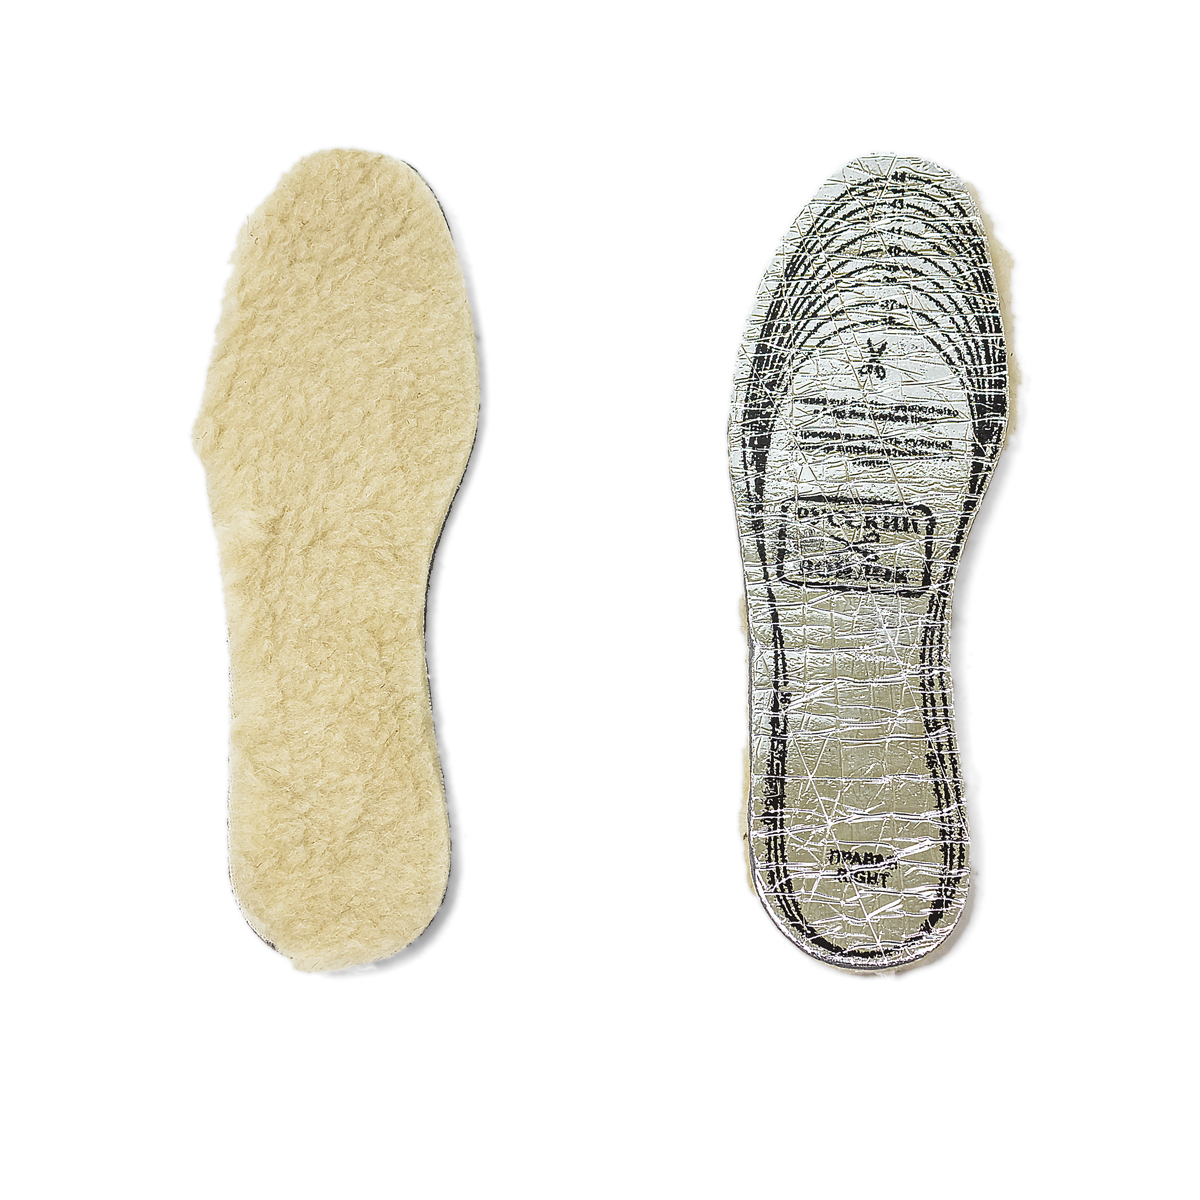 - Стельки Теплые ножки р. УниверсальныйСогревающий<br><br><br>Тип: -<br>Размер: Универсальный<br>Материал: Овечья шерсть